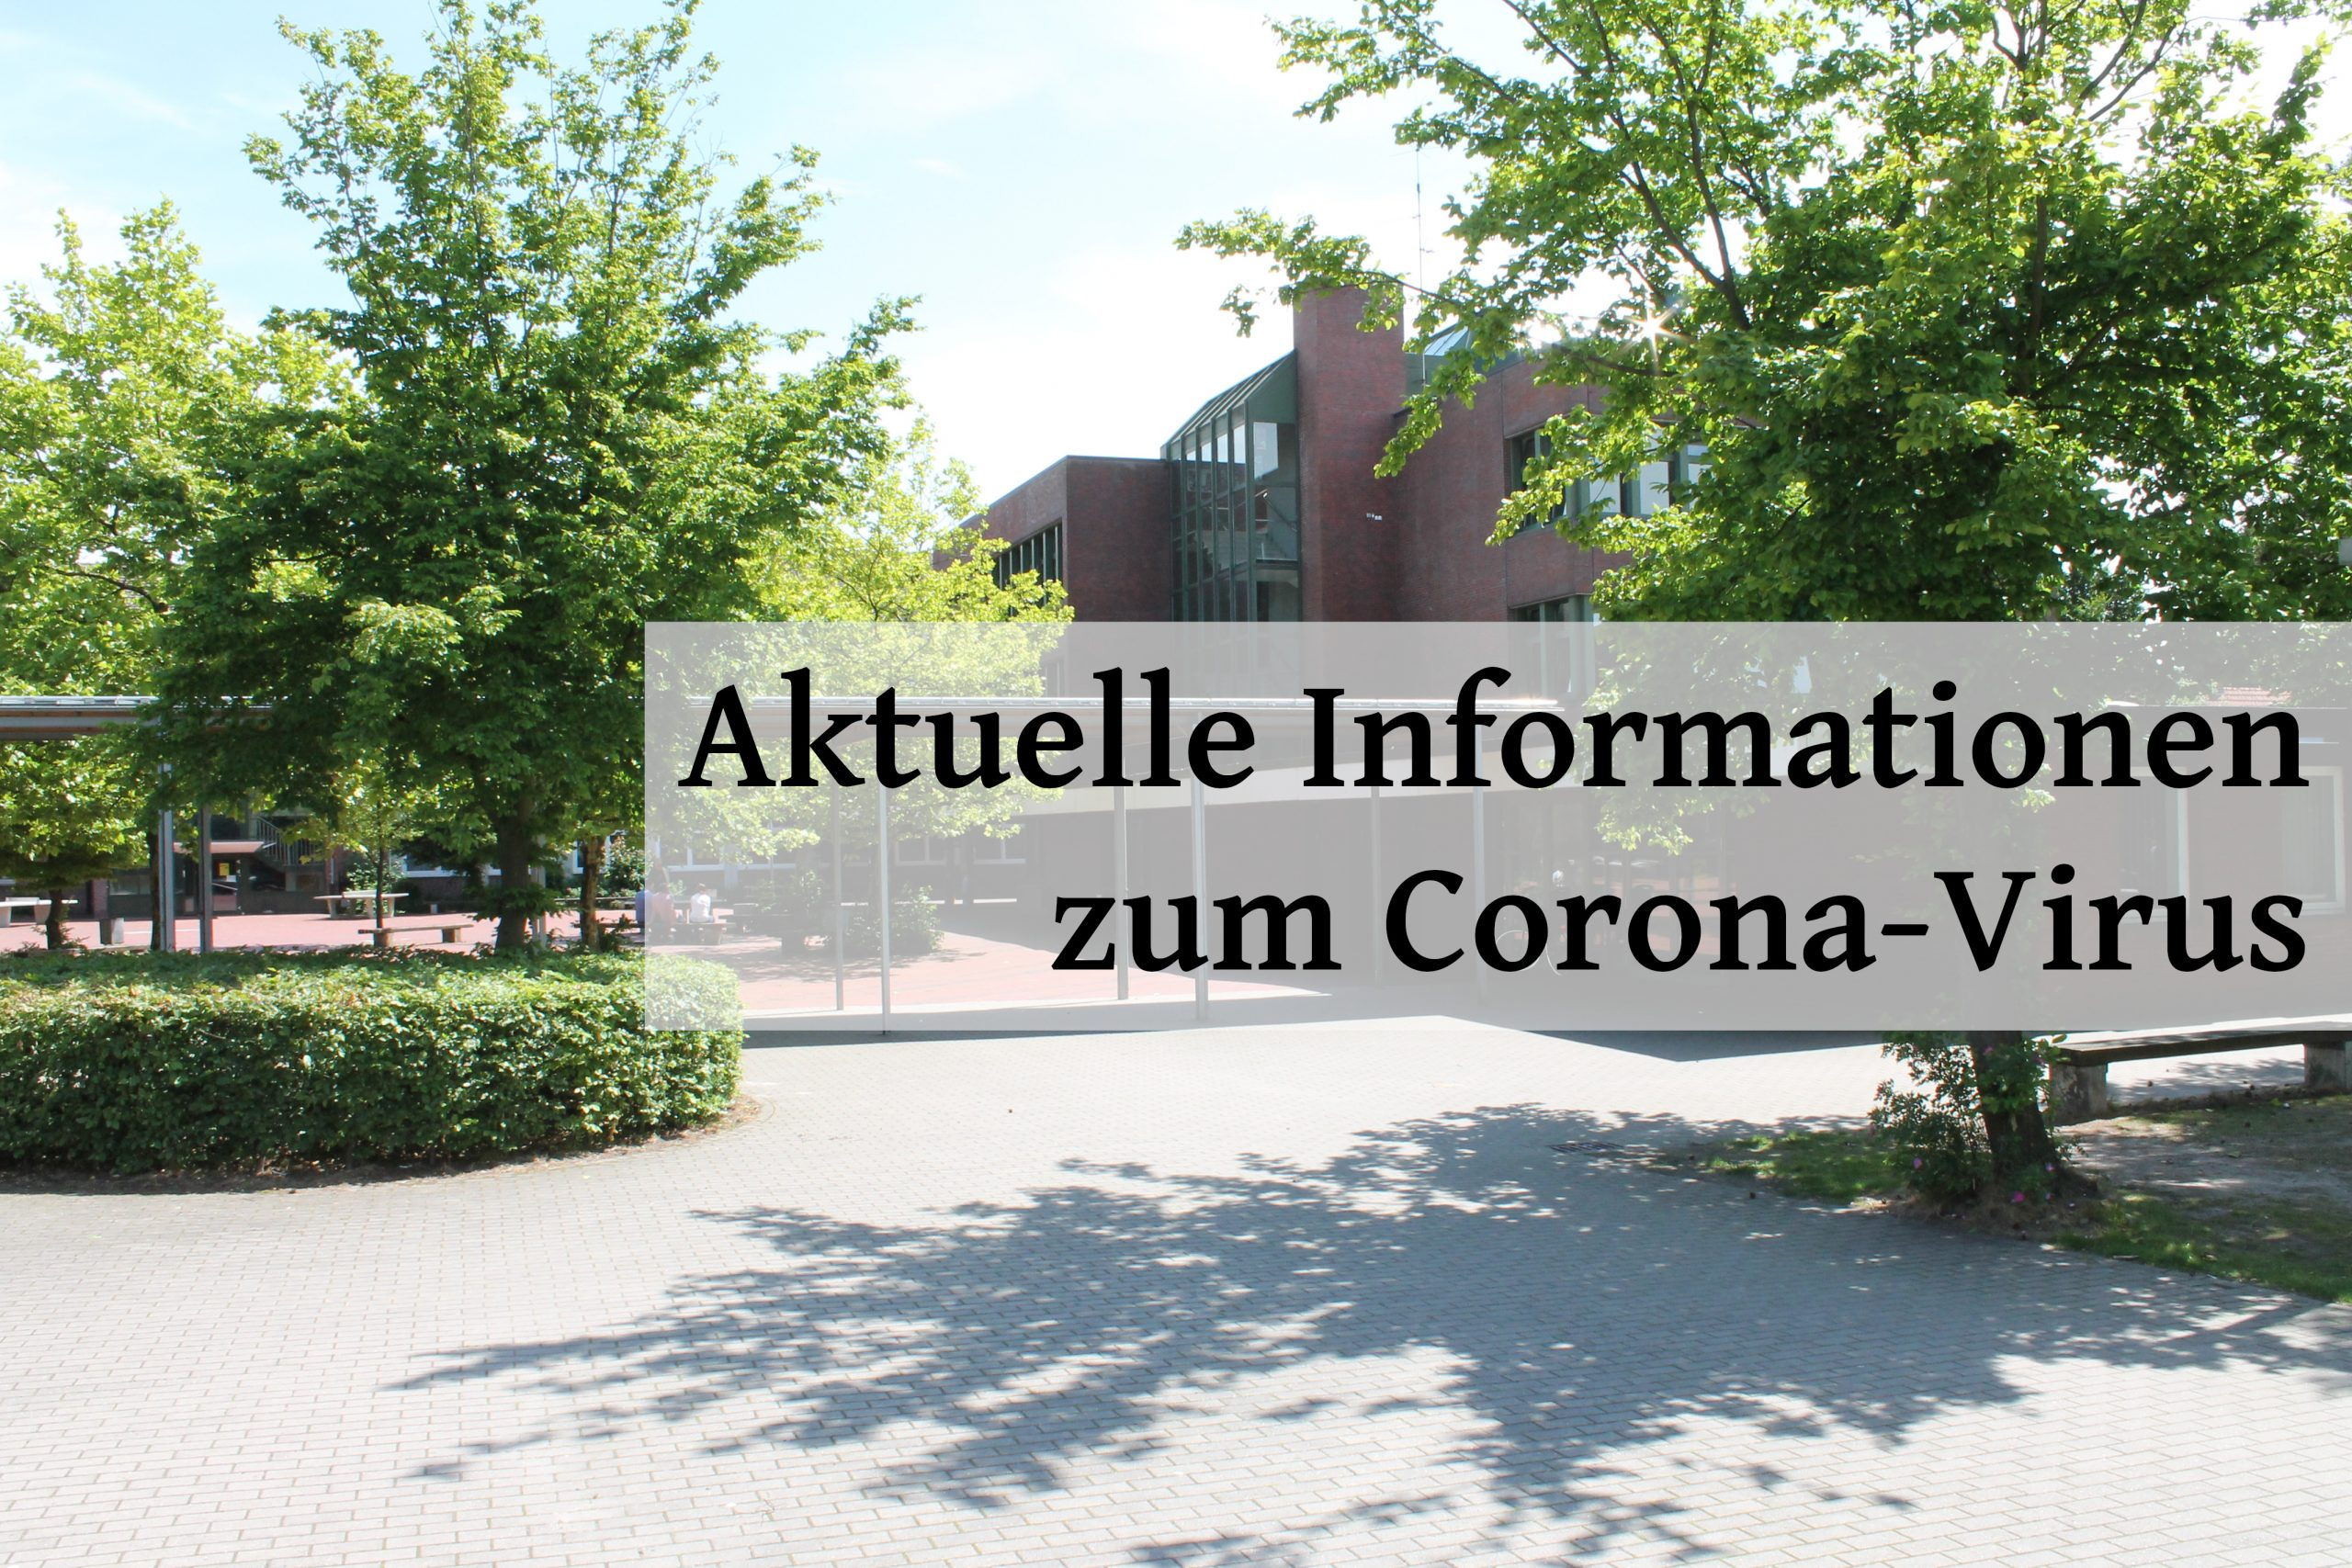 Aktuelle Informationen zur Schulschließung wegen des Corona-Virus